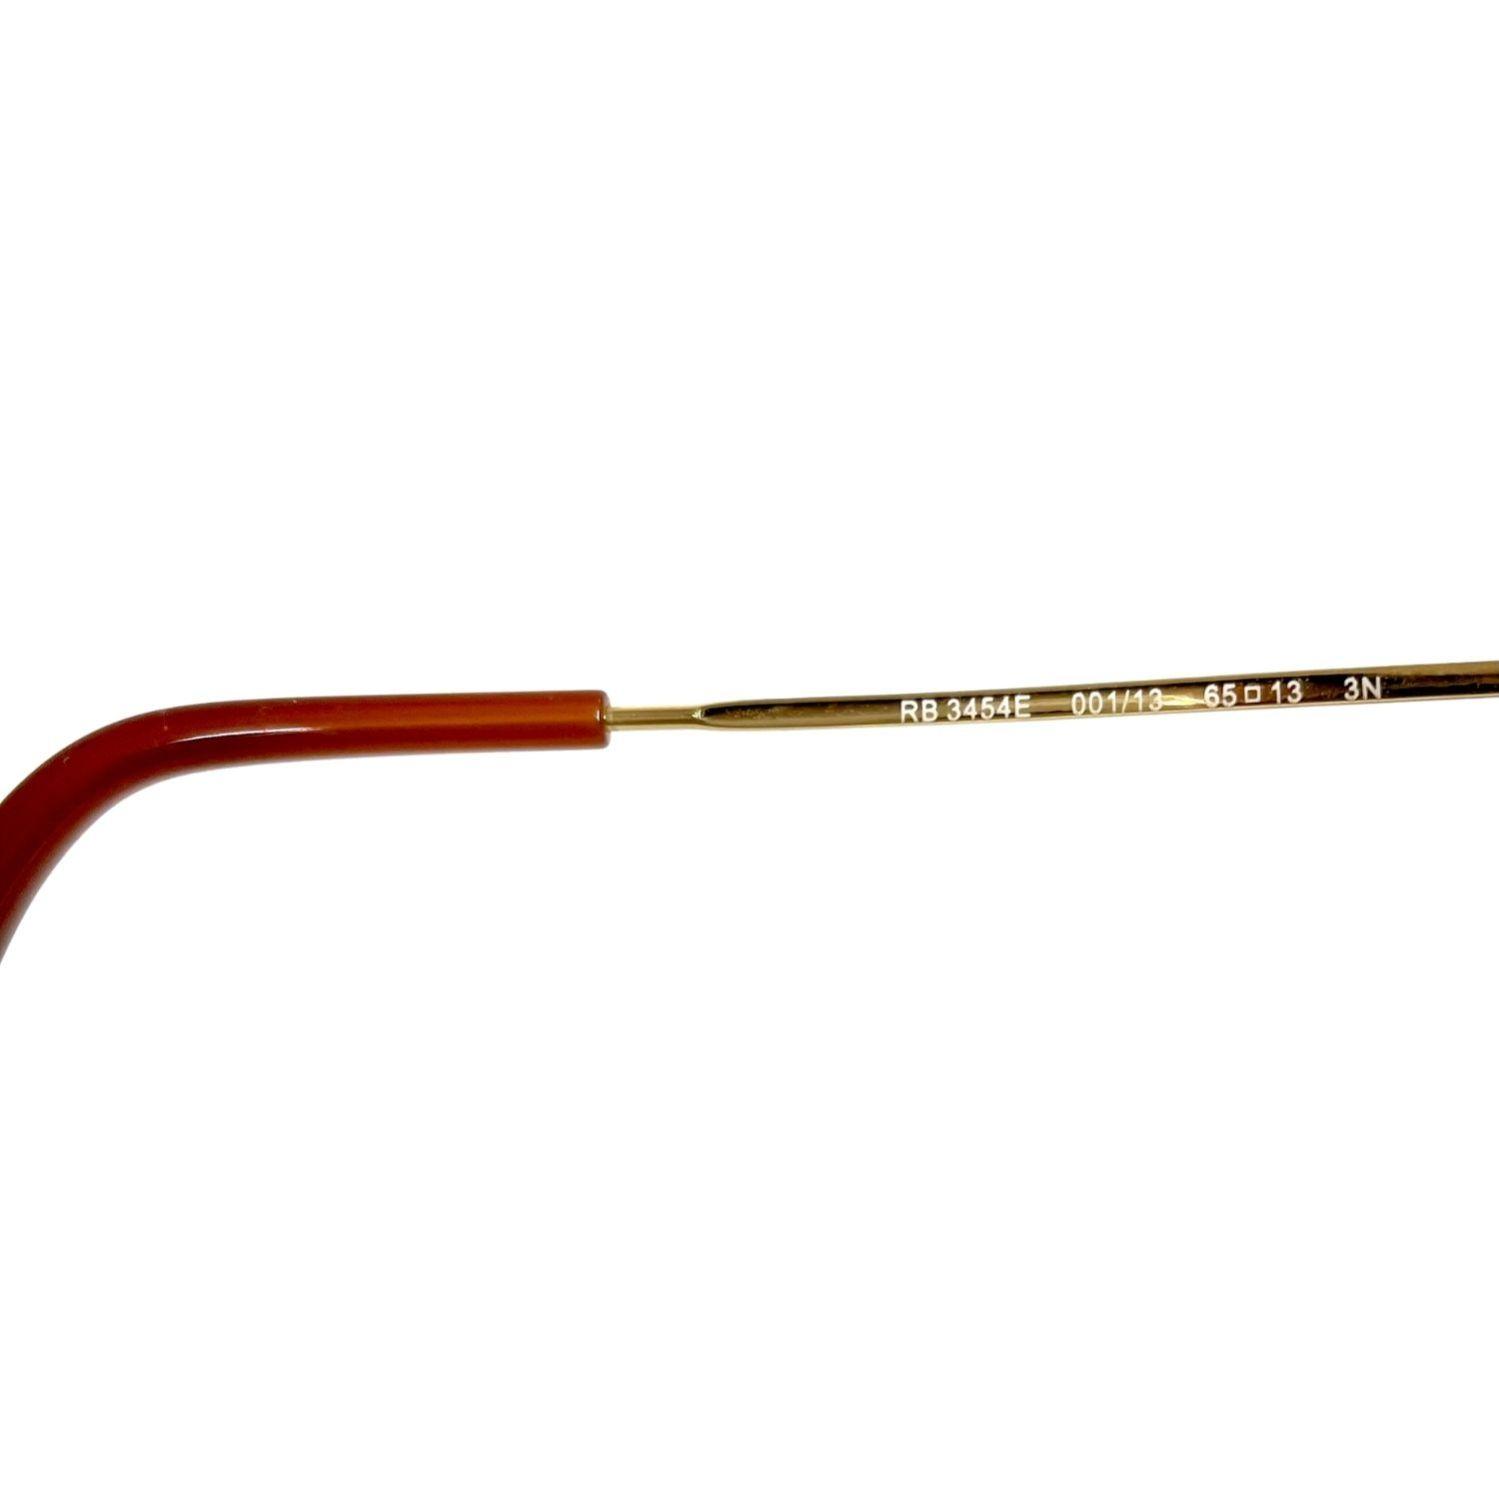 Óculos Ray-Ban RB3454E